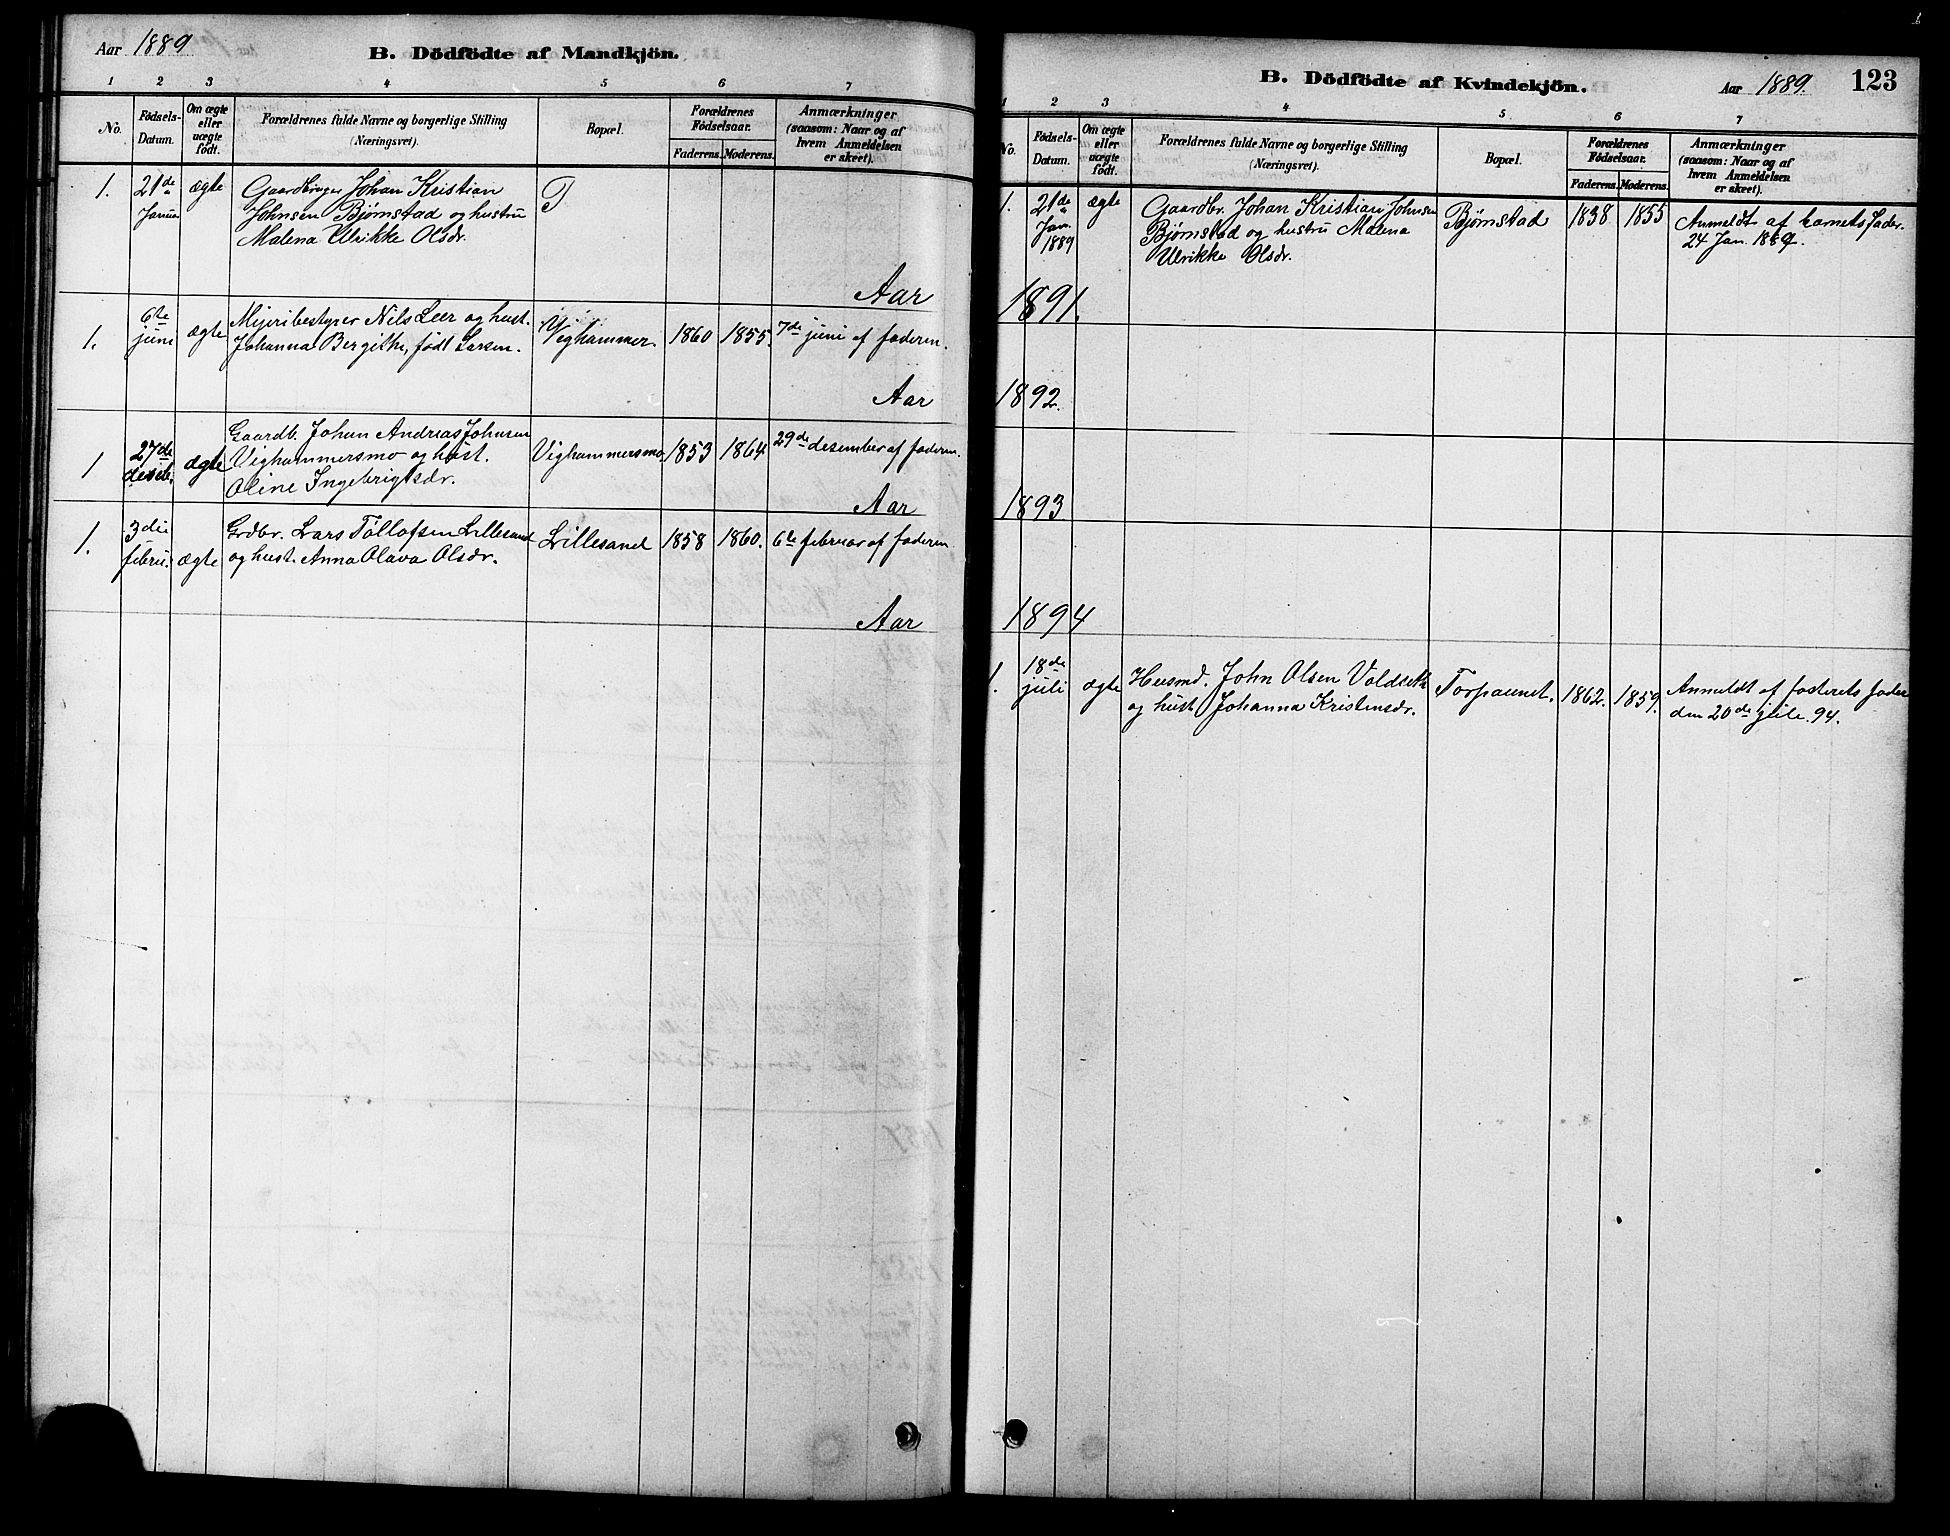 SAT, Ministerialprotokoller, klokkerbøker og fødselsregistre - Sør-Trøndelag, 616/L0423: Klokkerbok nr. 616C06, 1878-1903, s. 123